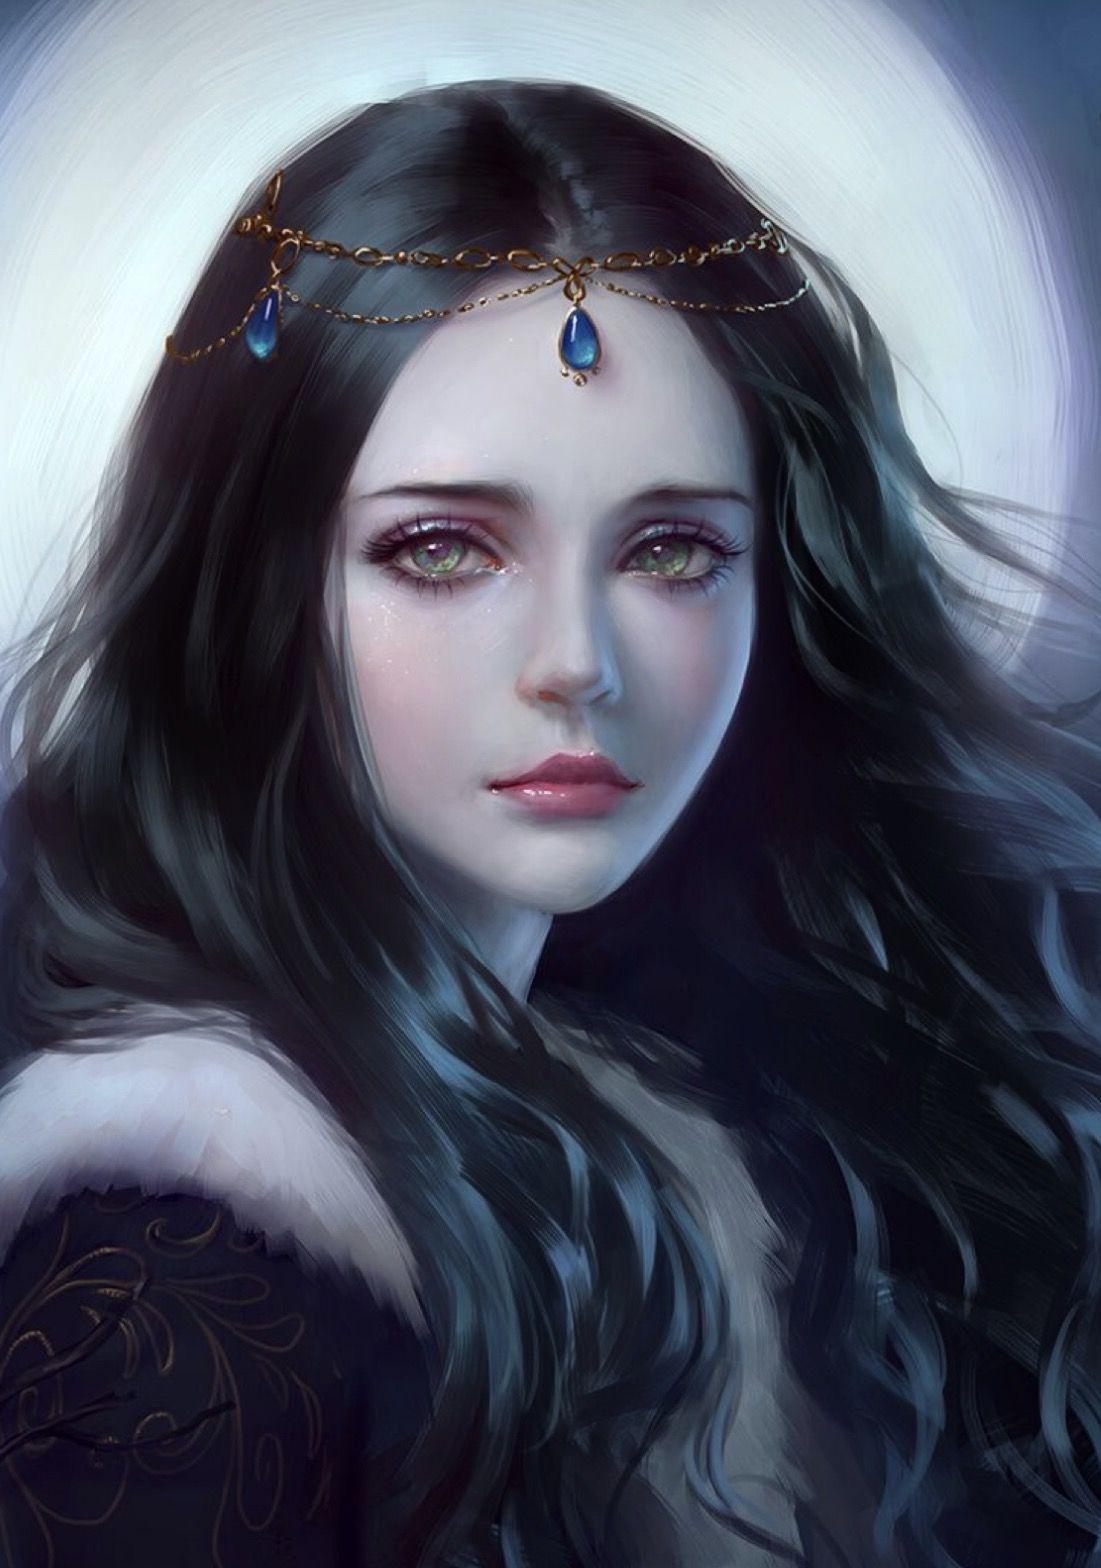 عکس نقاشی دختر فانتزی مدرن